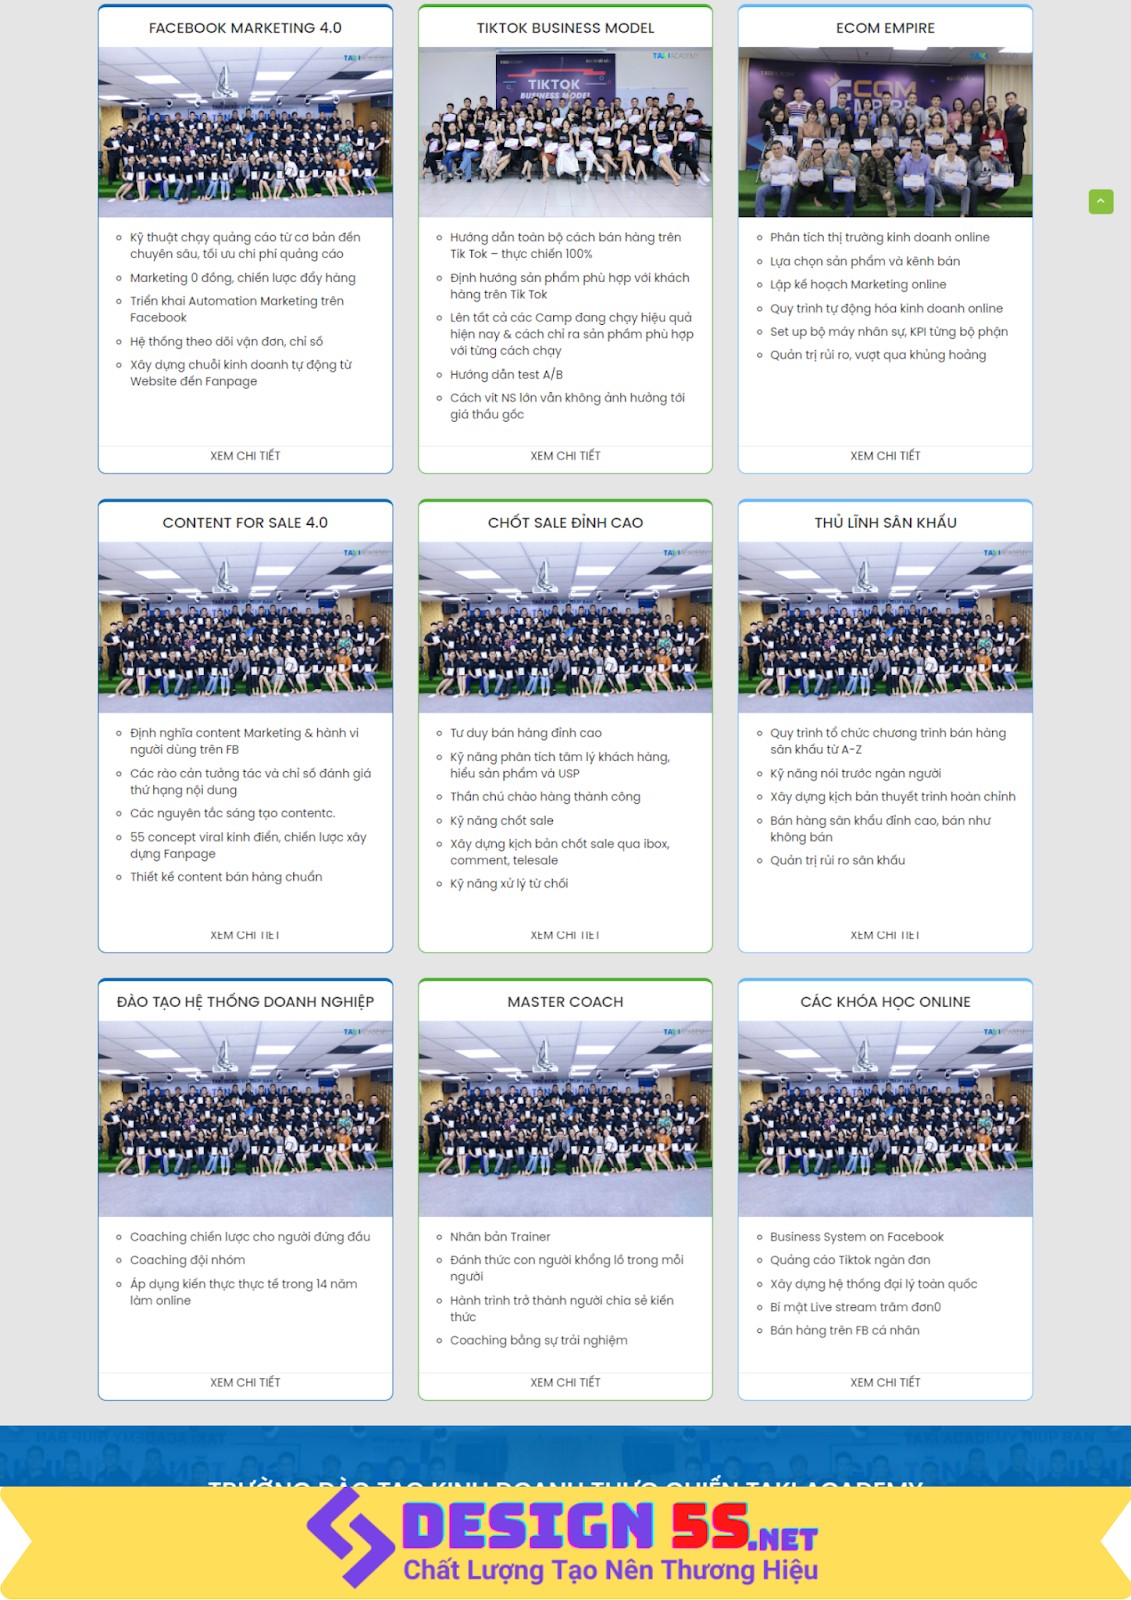 Mẫu website landing page dịch vụ marketing online tổng hợp - Ảnh 2